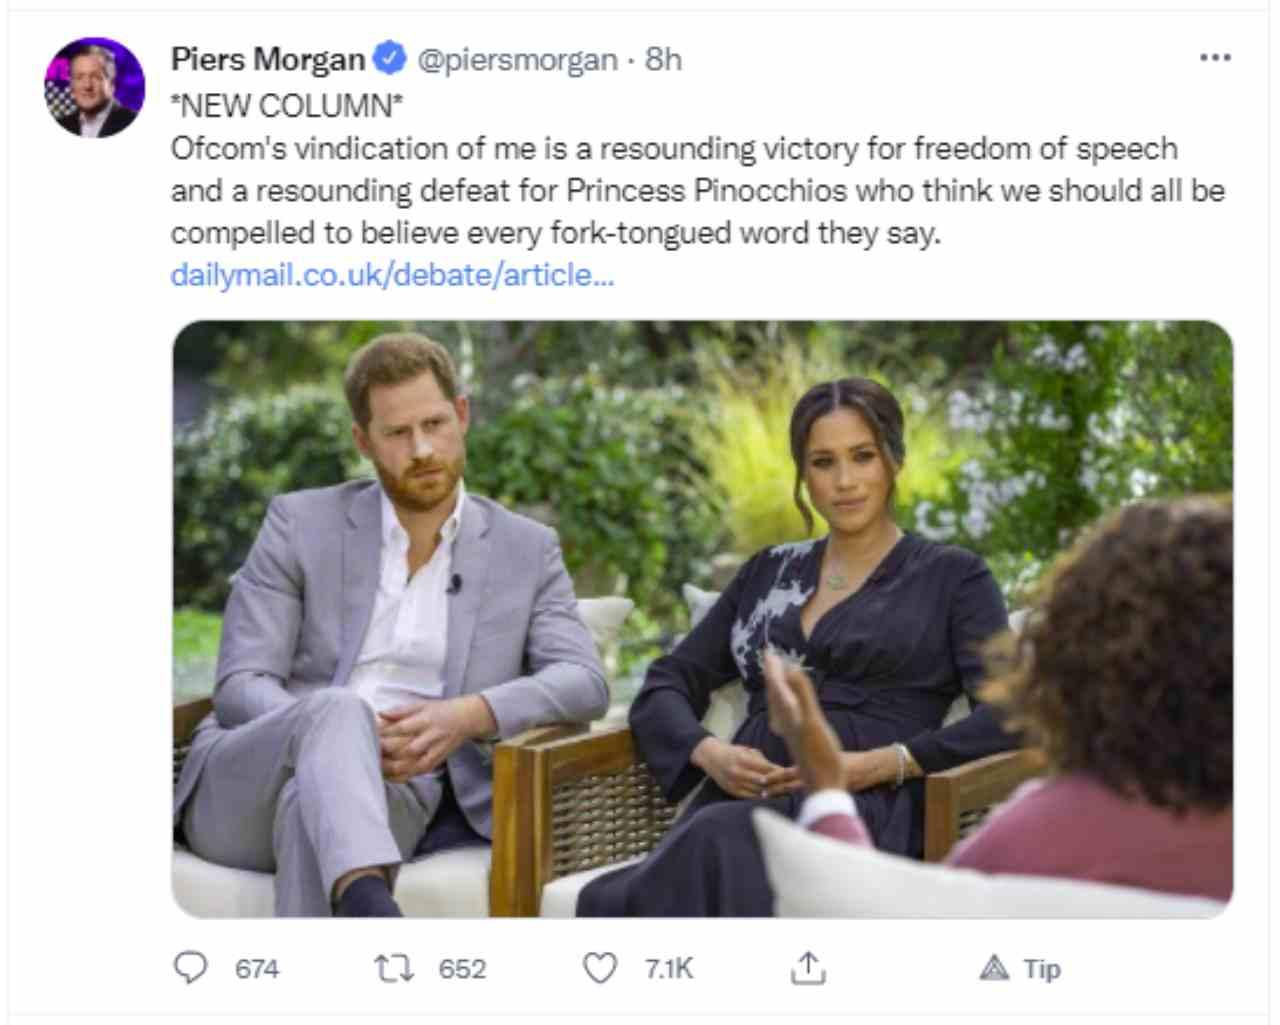 Piers Morgan ha perso il lavoro a causa dei suoi commenti sull'intervista di Meghan e Harry: sarà reintegrato? (fonte: Twitter).